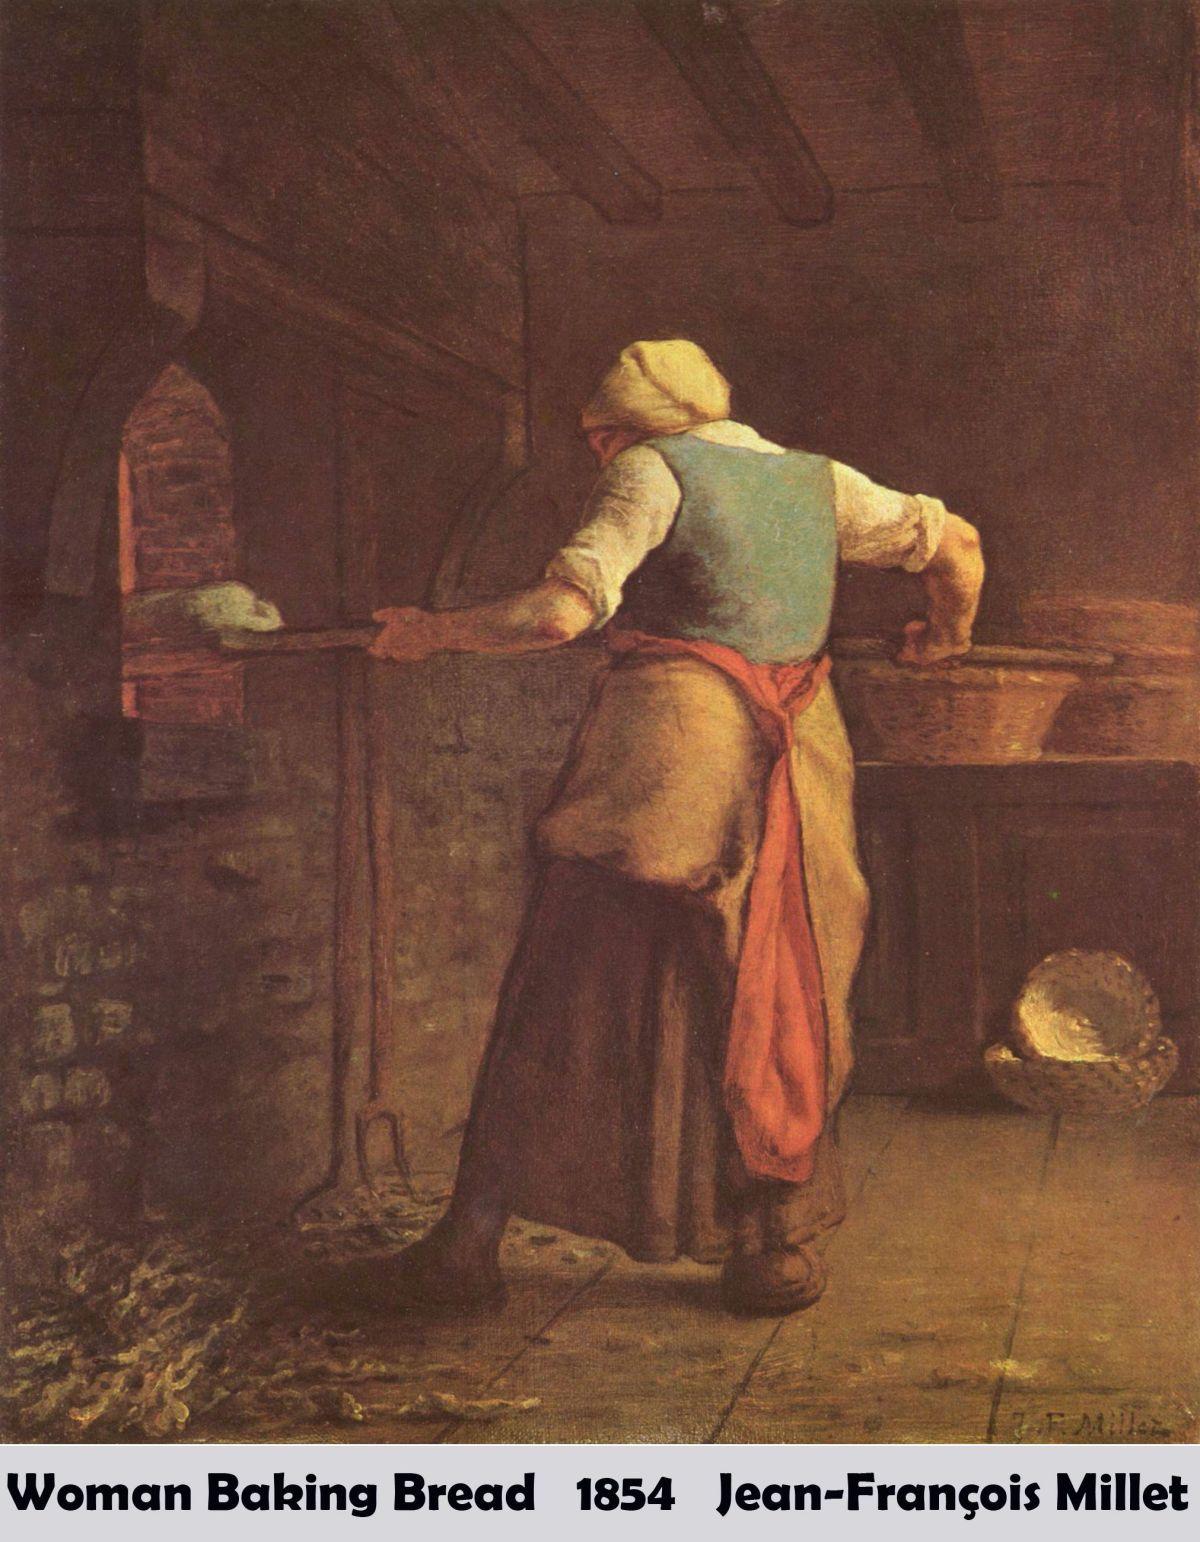 Woman Baking Bread by Jean Francois Millet